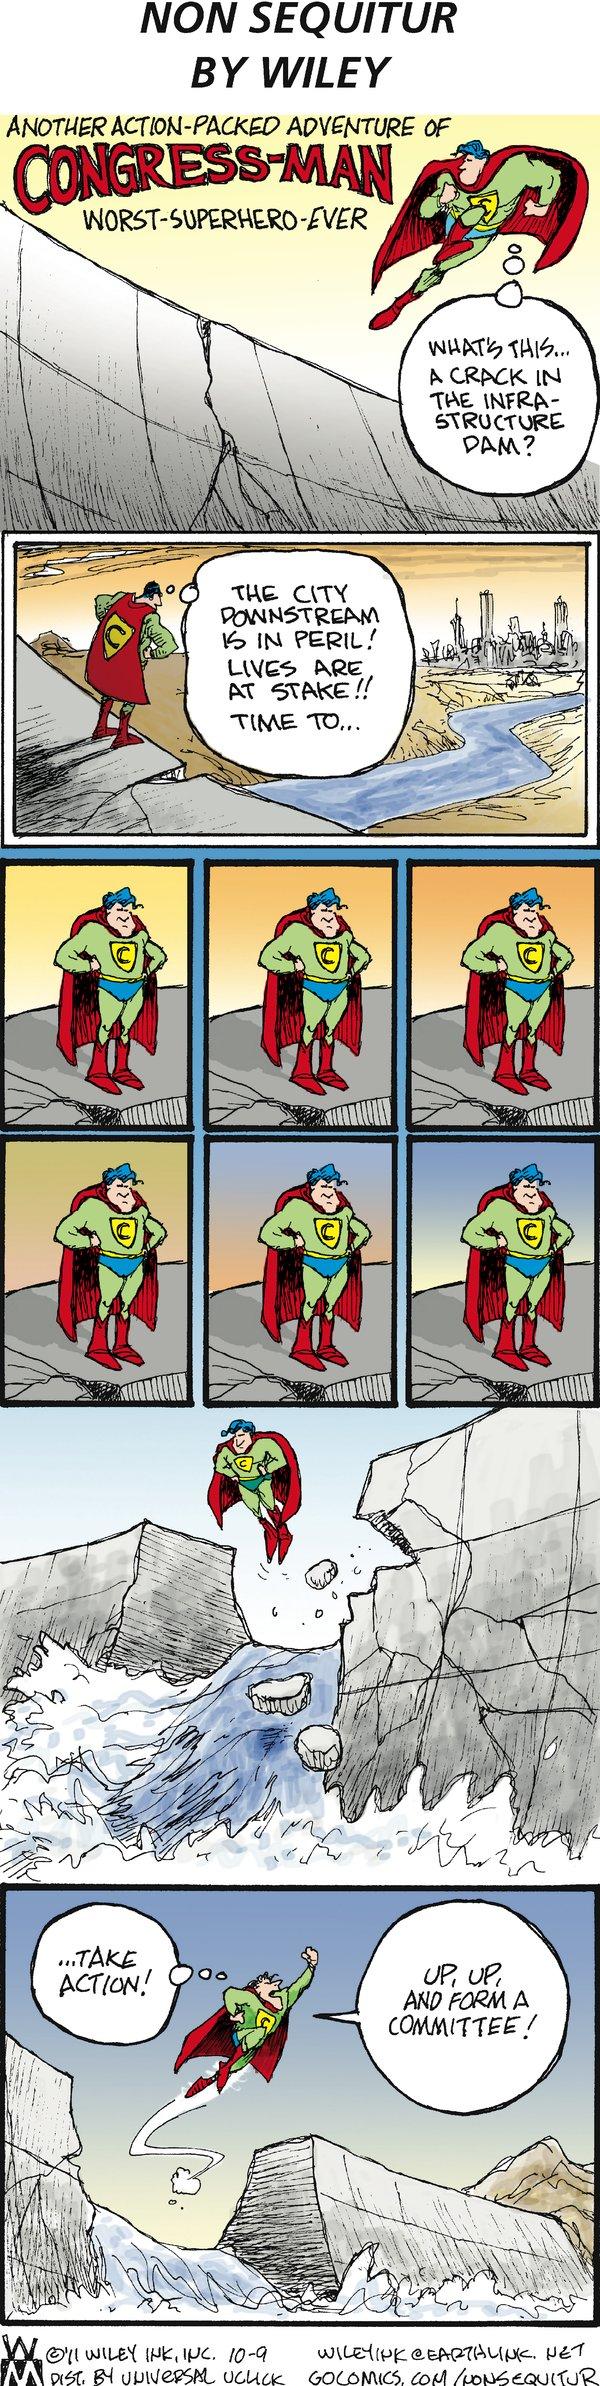 Non Sequitur for Oct 9, 2011 Comic Strip